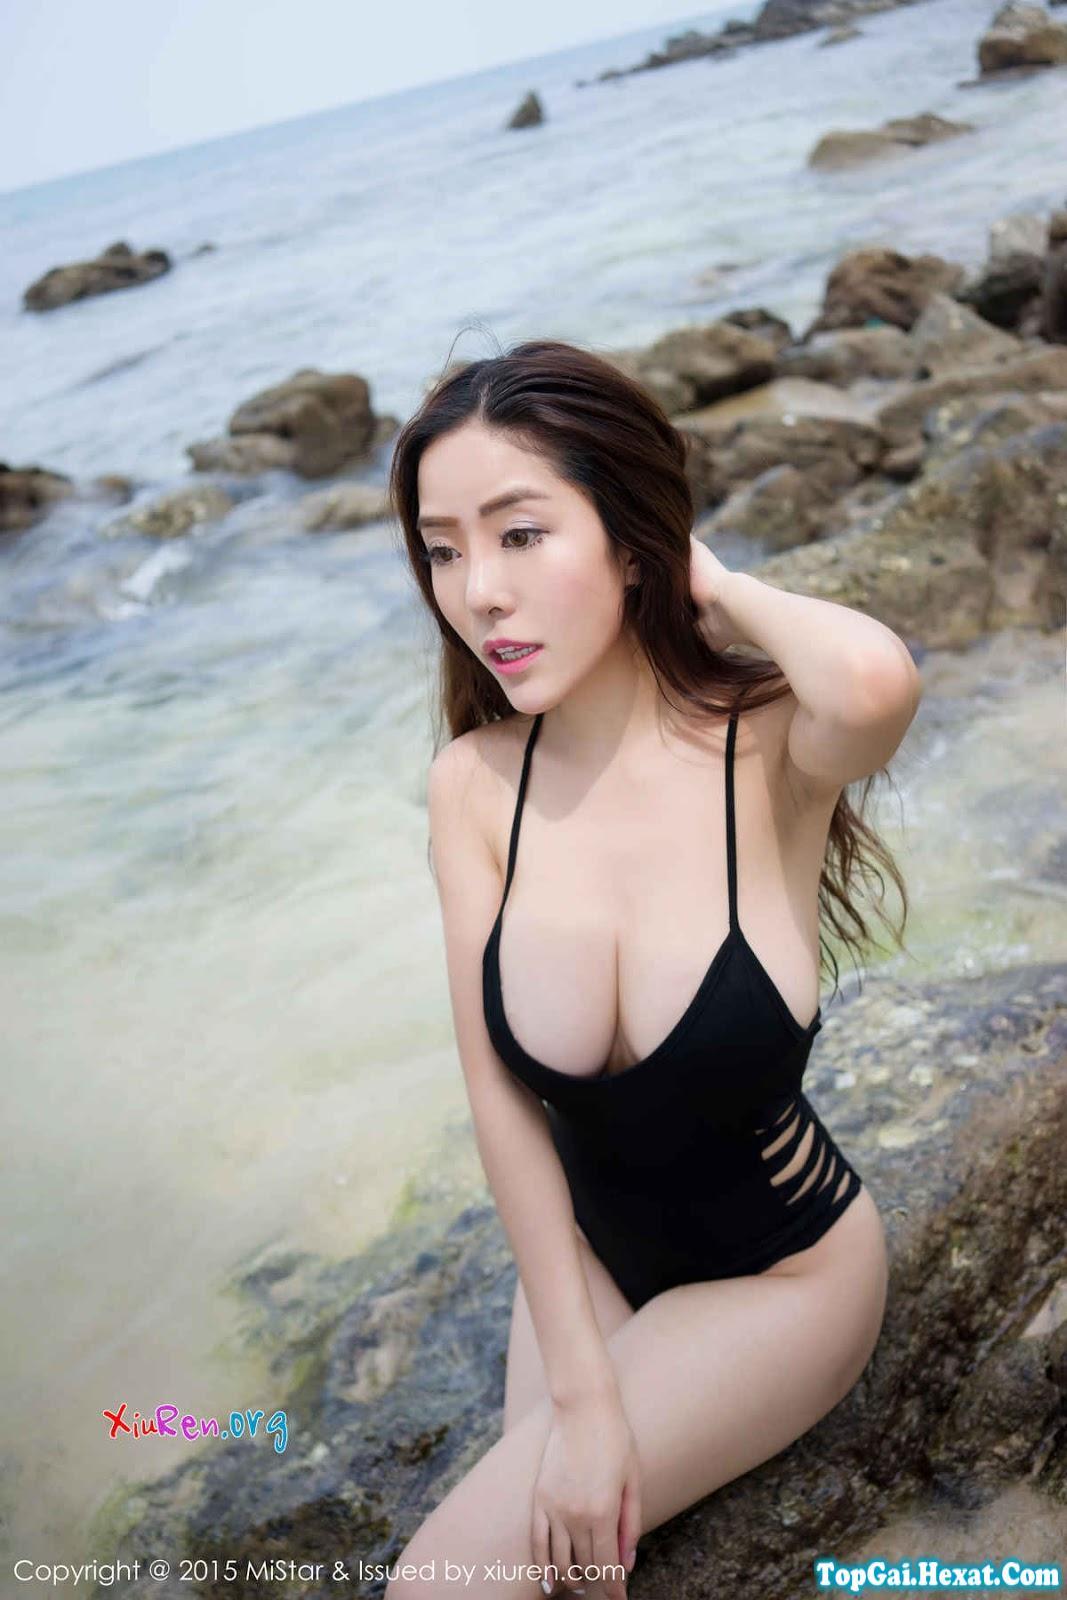 Em gái xinh ngực khủng đi tắm biển|raw